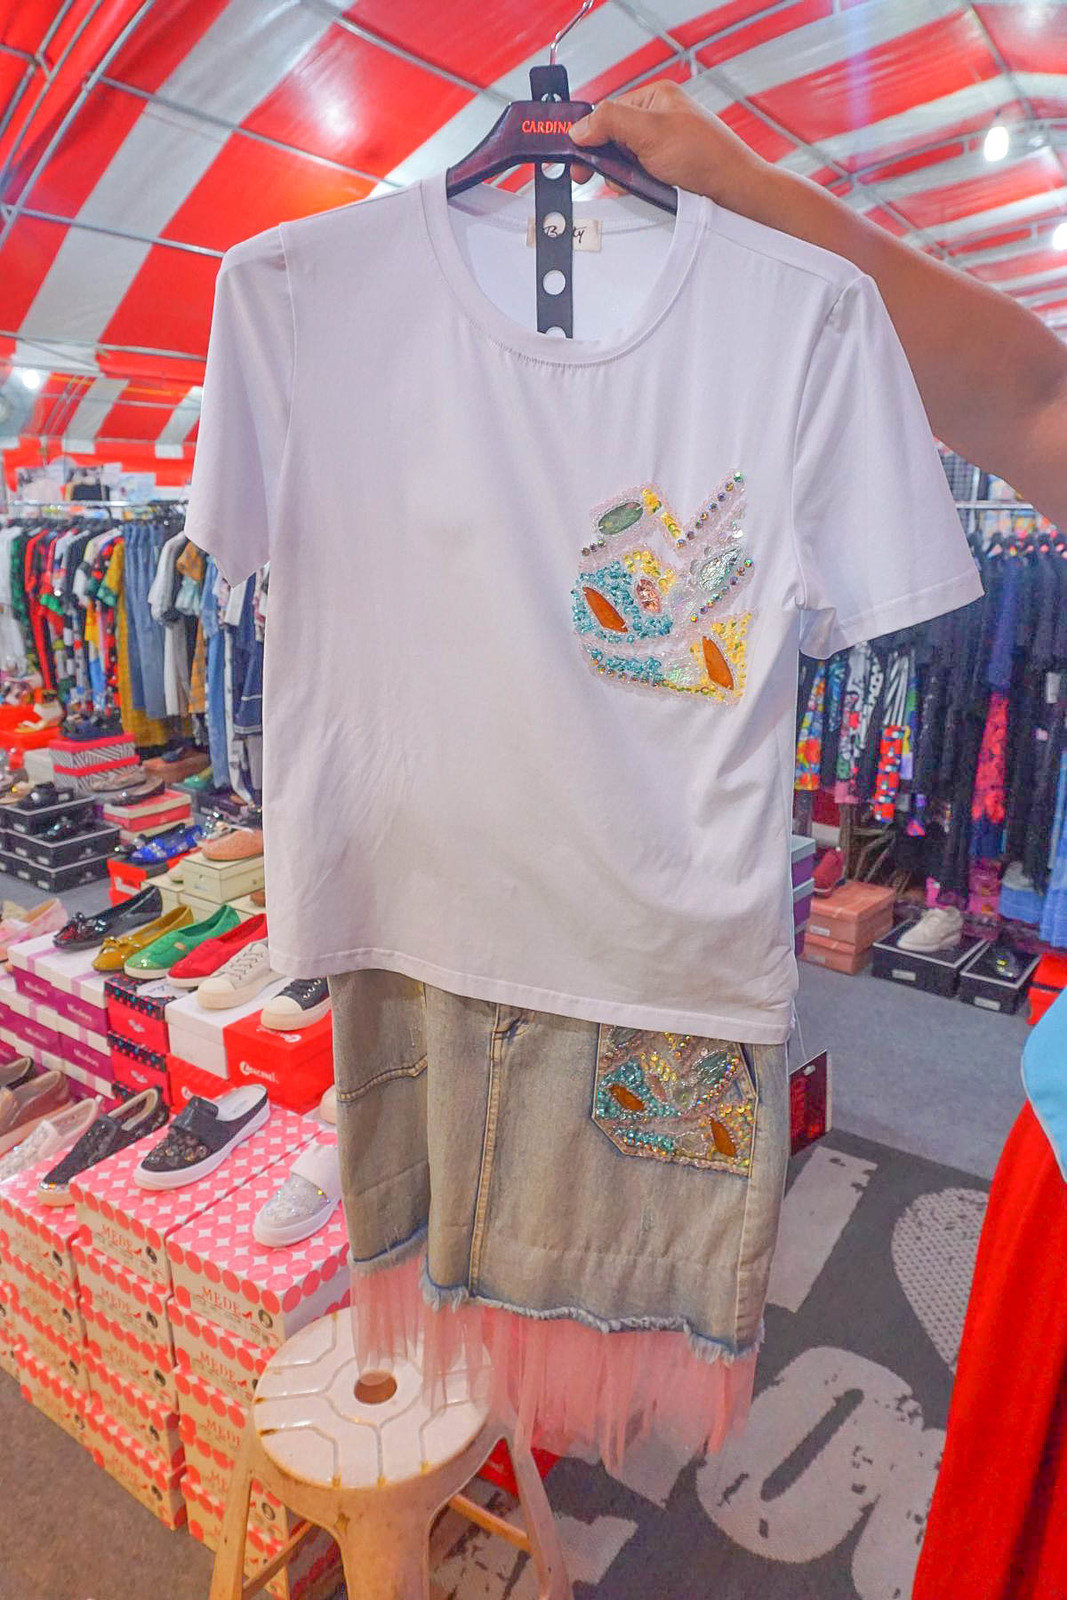 知名大廠家電福利品聯合特賣、運動品牌NIKE.NB-790元起、行李箱、TOMS、童書、康寧餐具、童鞋、吸濕排汗衣,暑假最強強檔先萬別錯過!